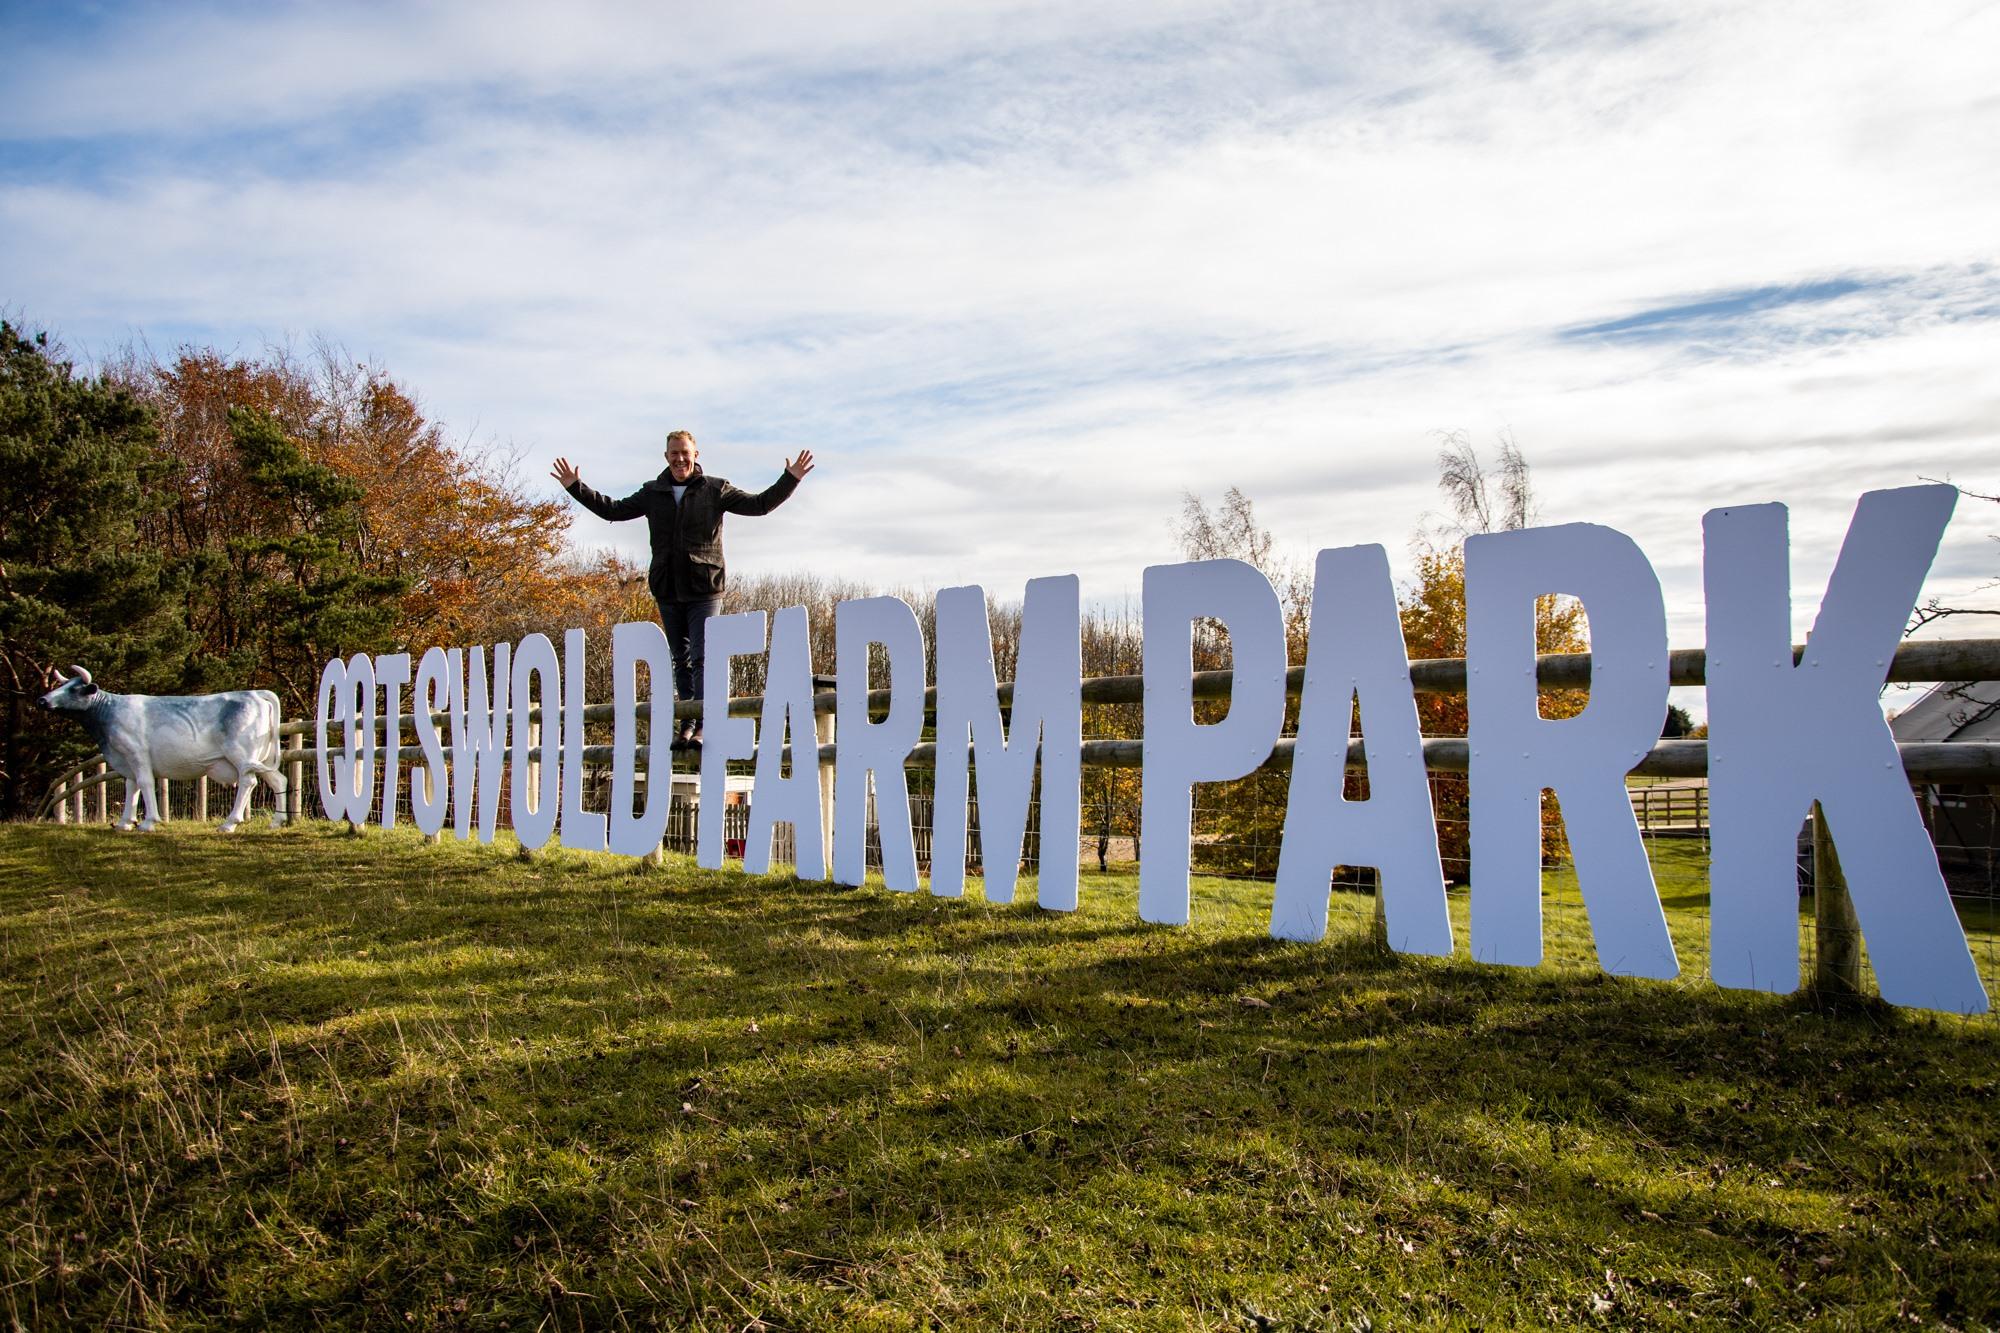 Cotswold Farm Park